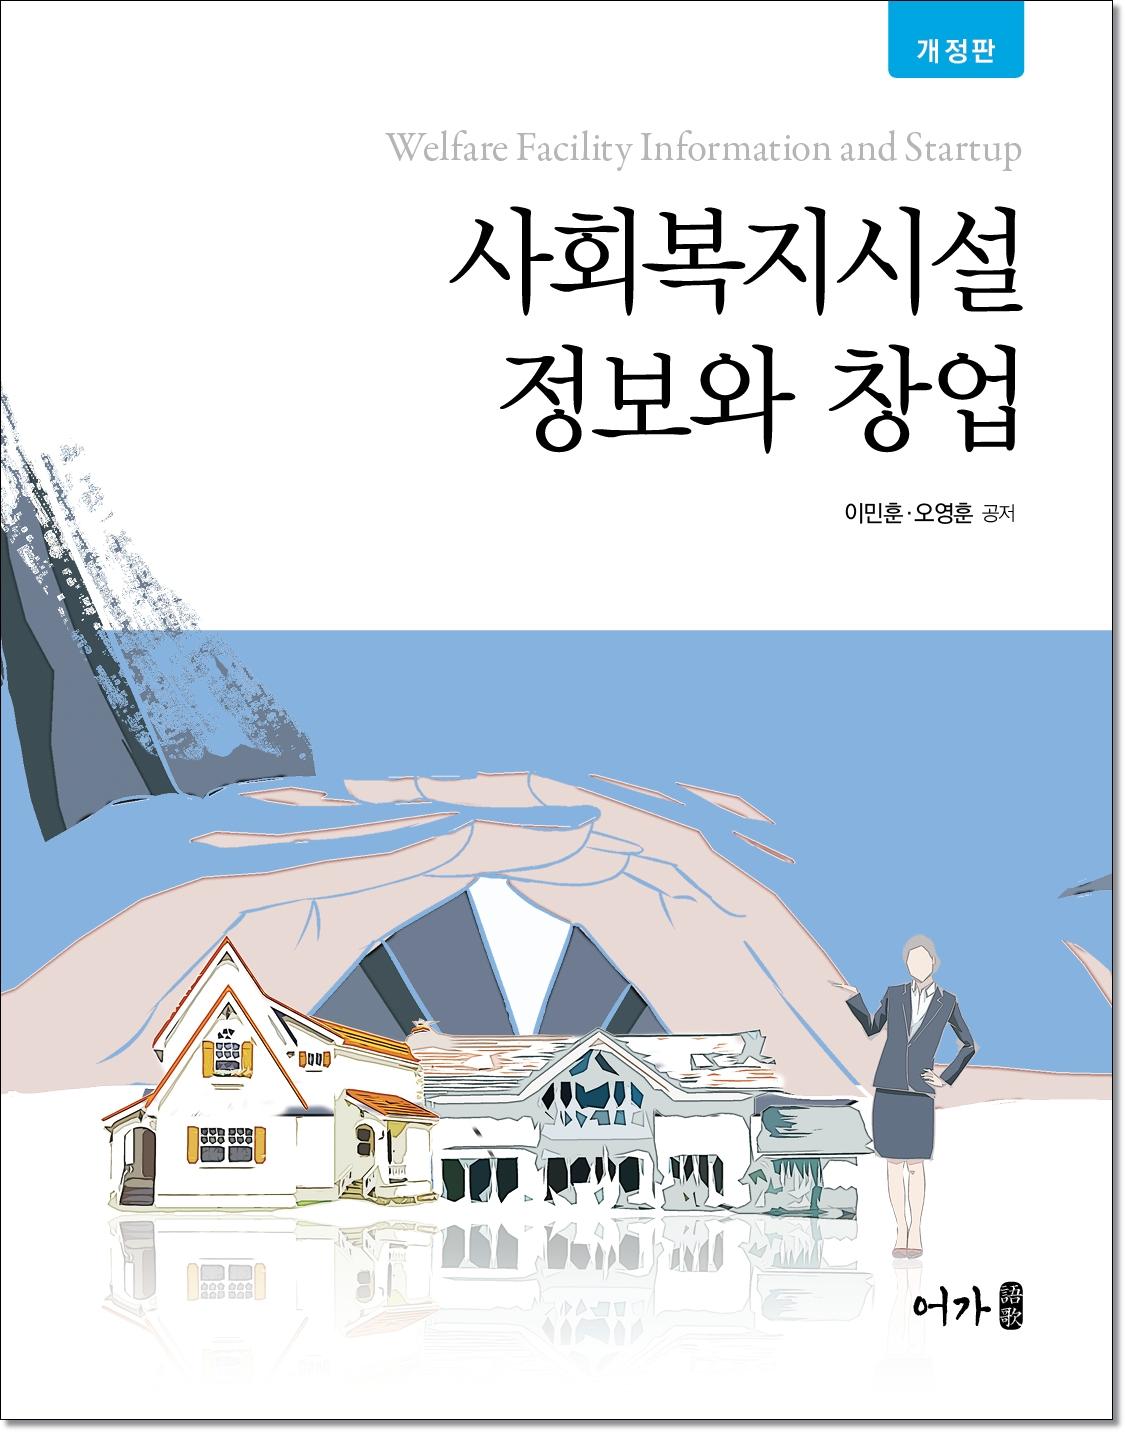 [21.08] 사회복지시설 정보와 창업-개정1쇄(이민훈 외)-표지.jpg